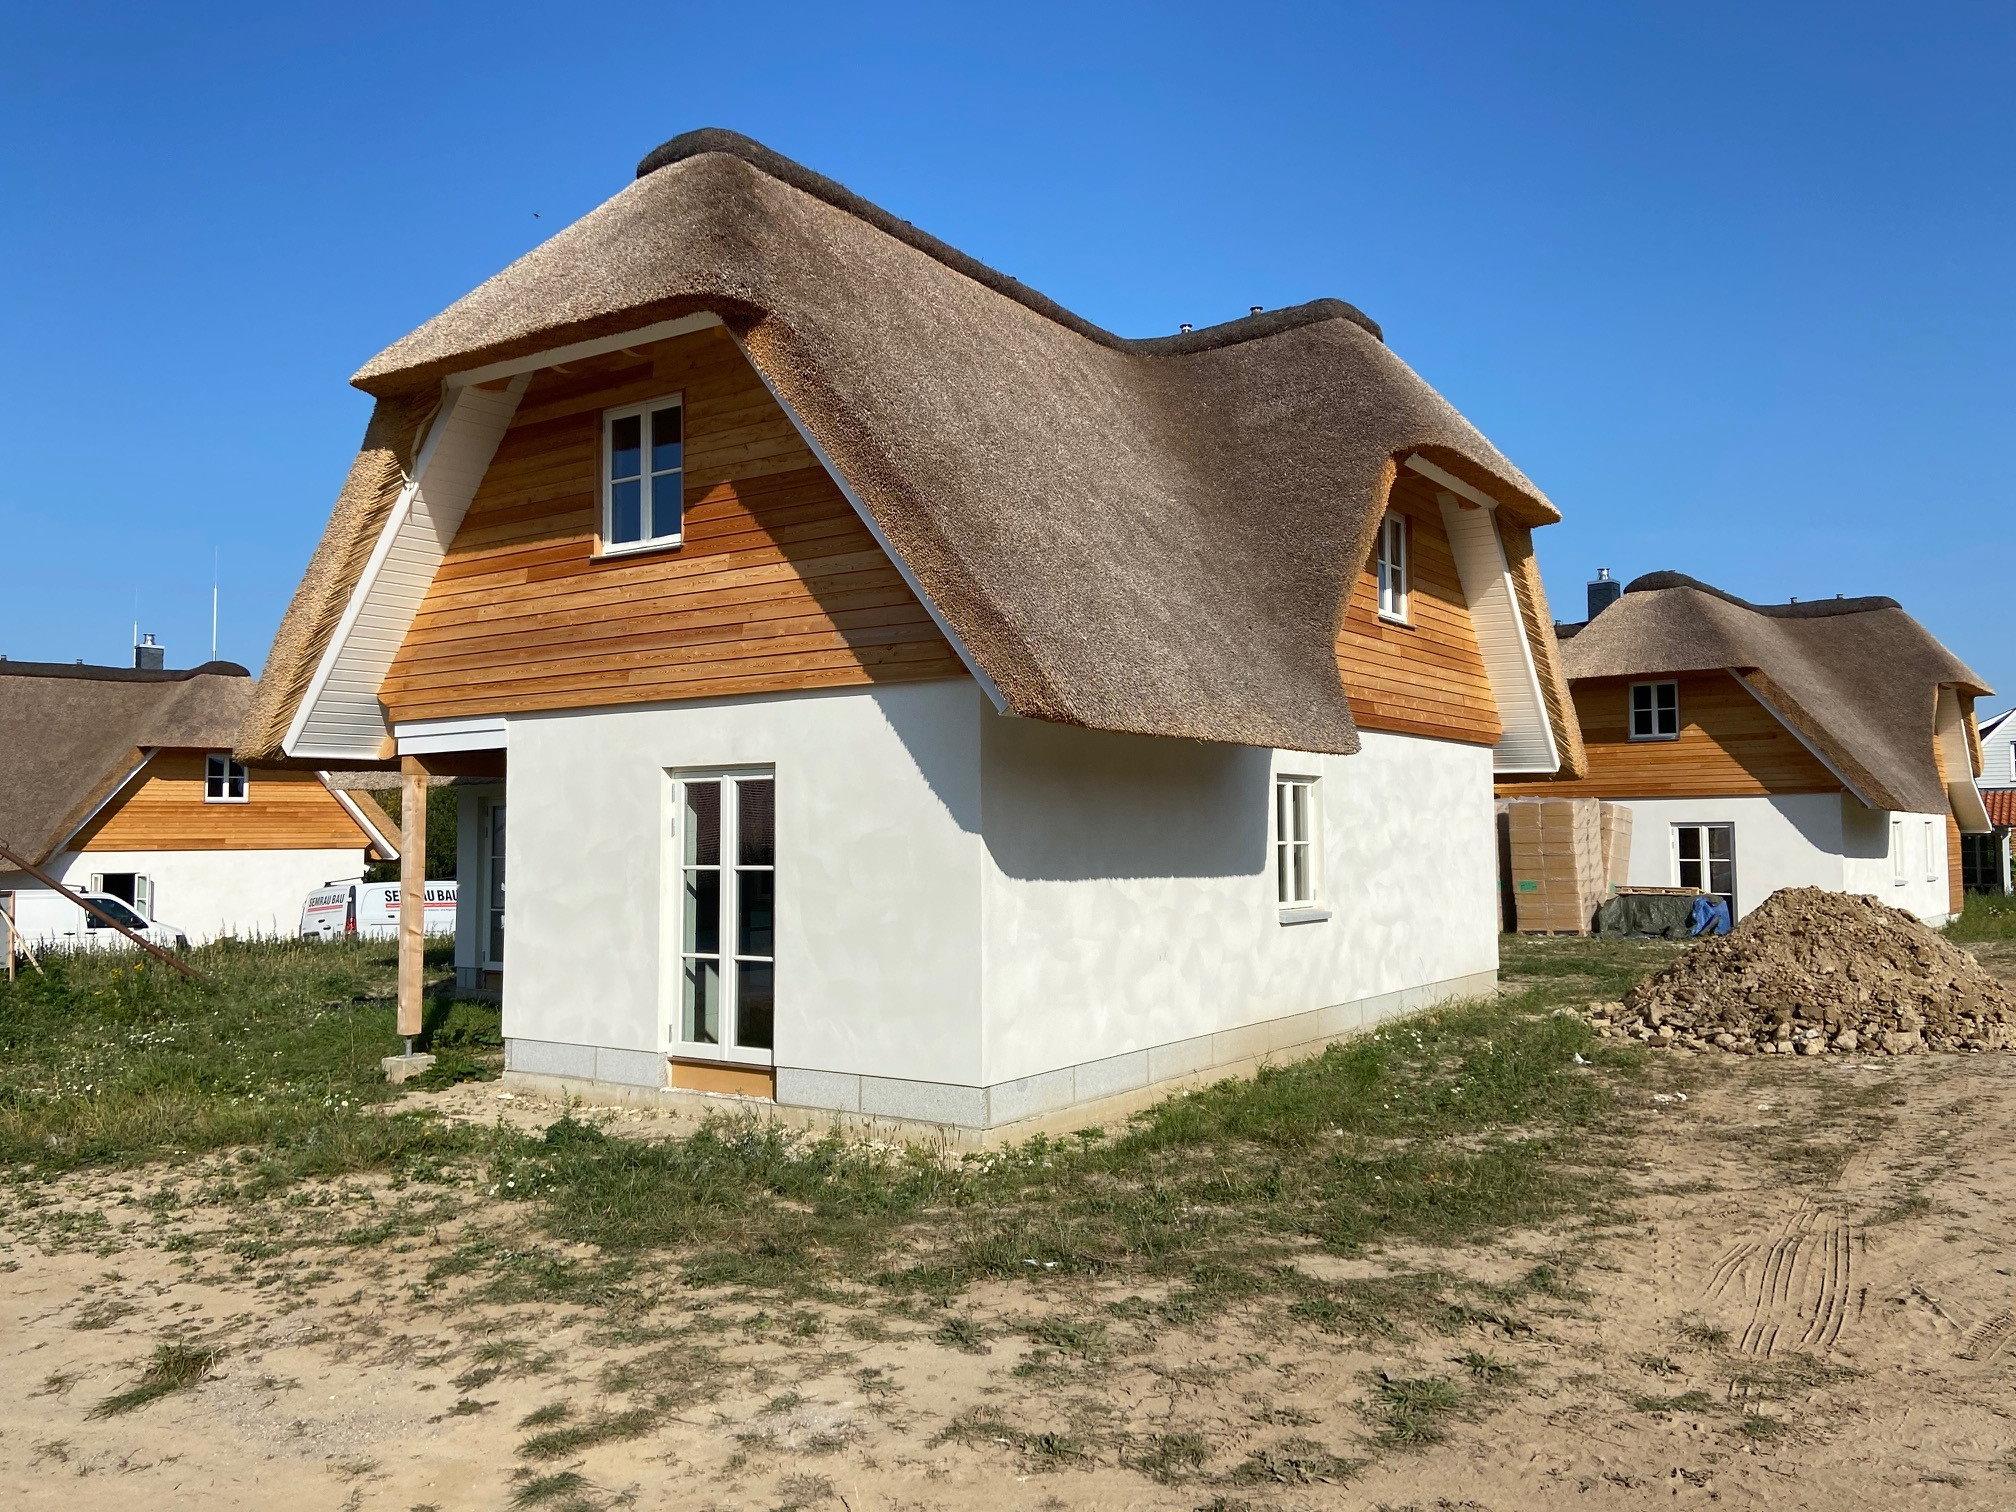 Bau von Ferienhäusern an der Ostsee